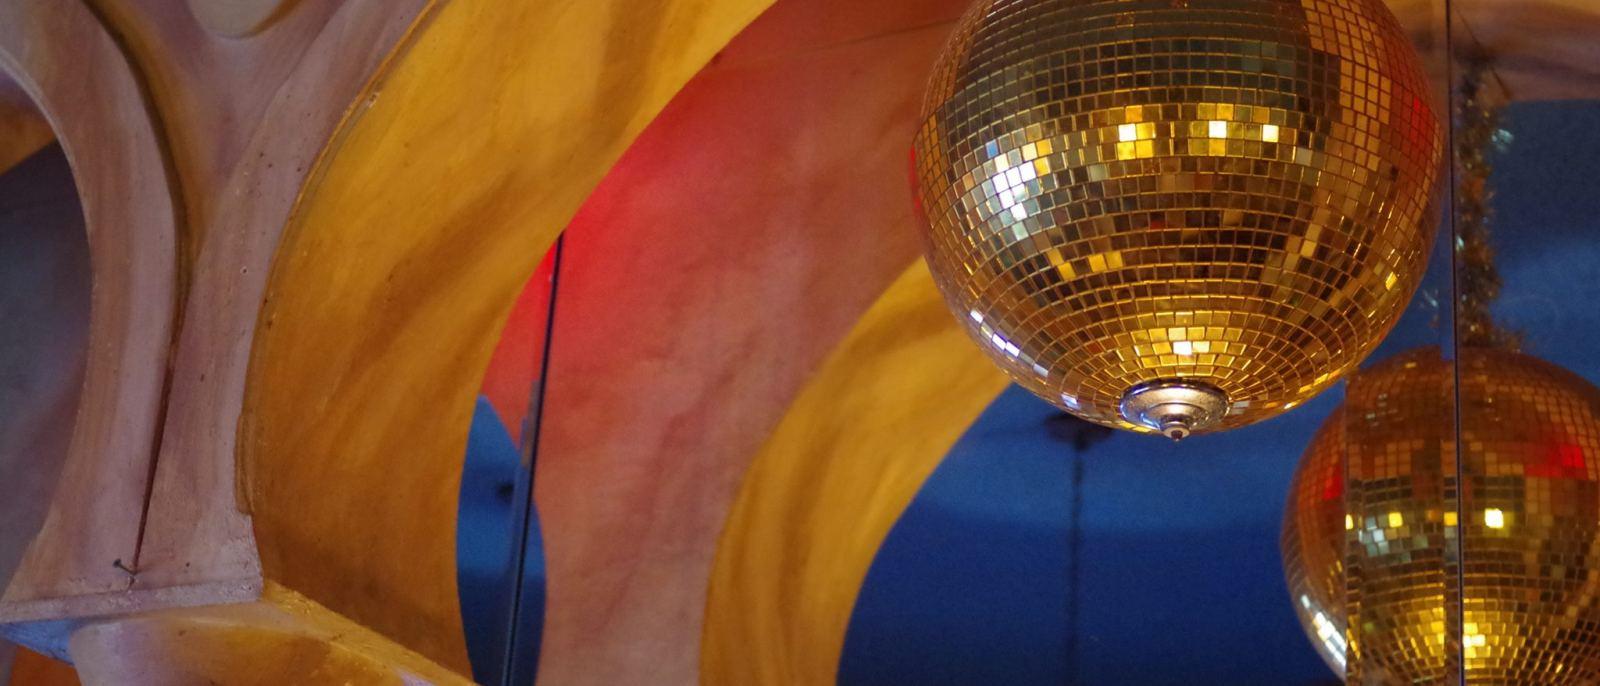 Akbar Silver Lake disco balls